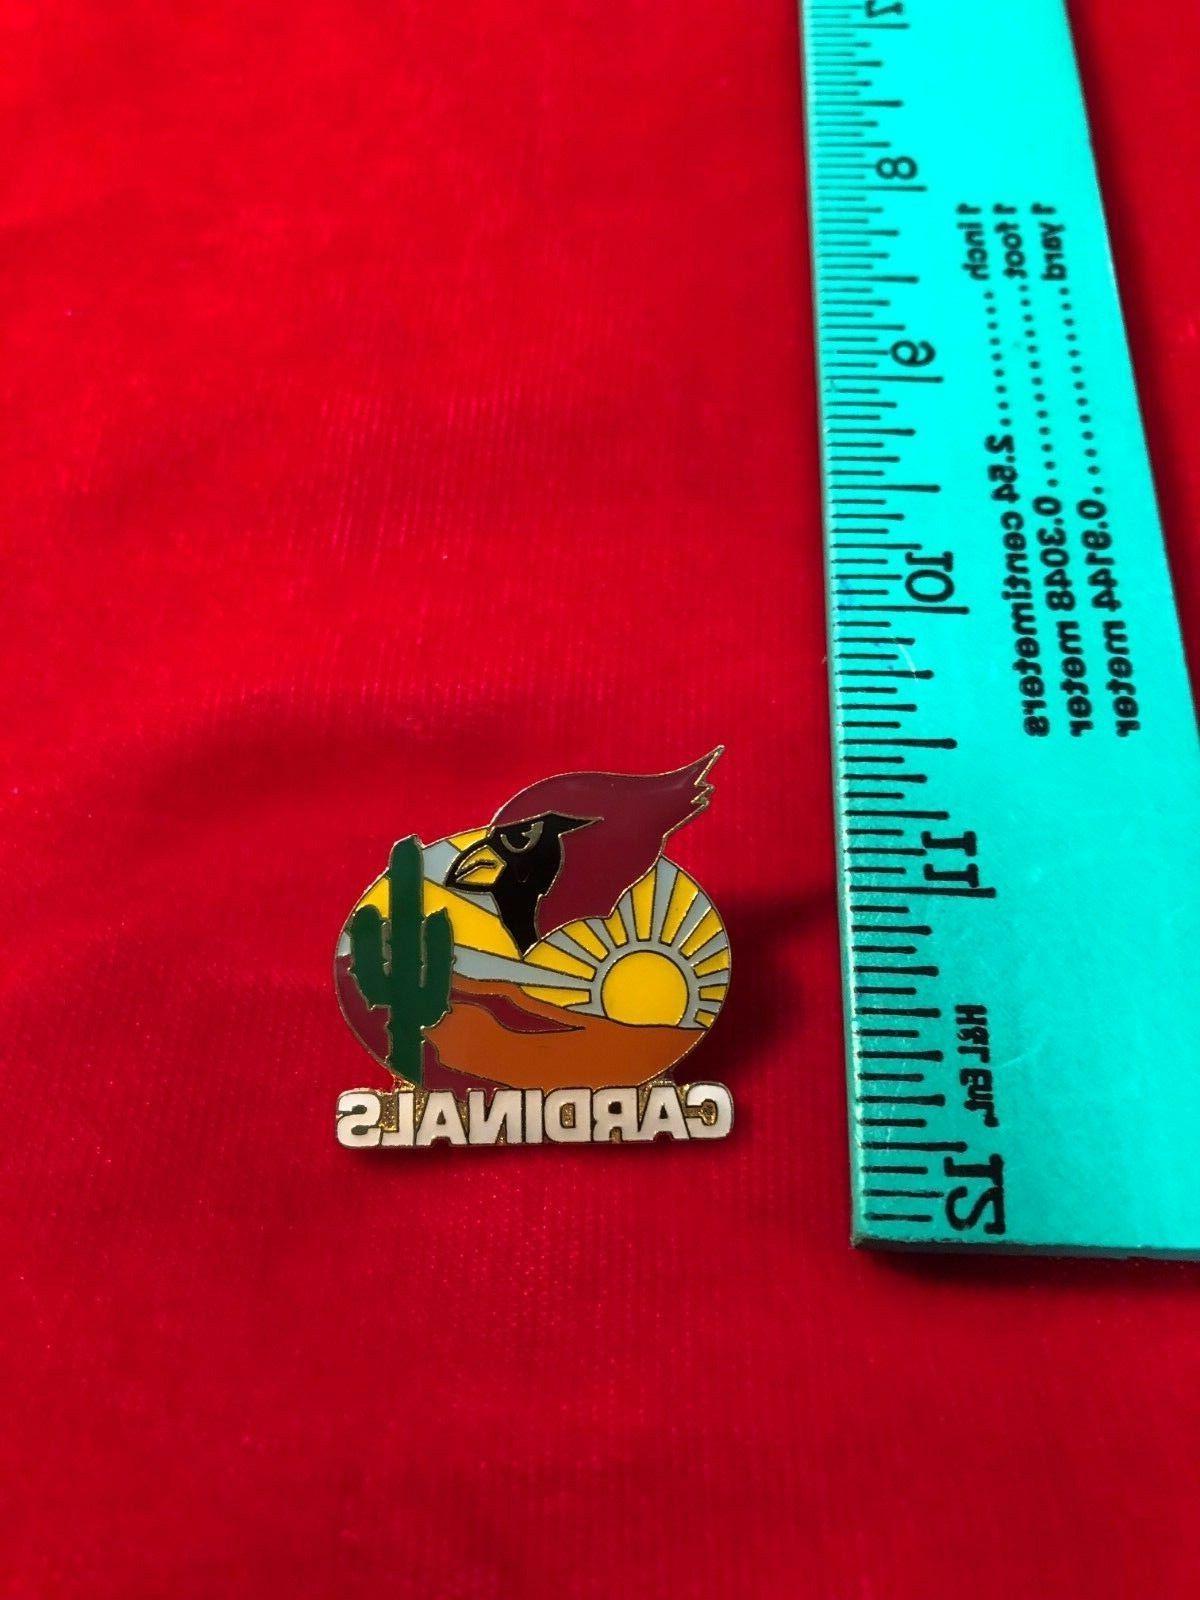 arizona cardinals logo desert sun pin gold